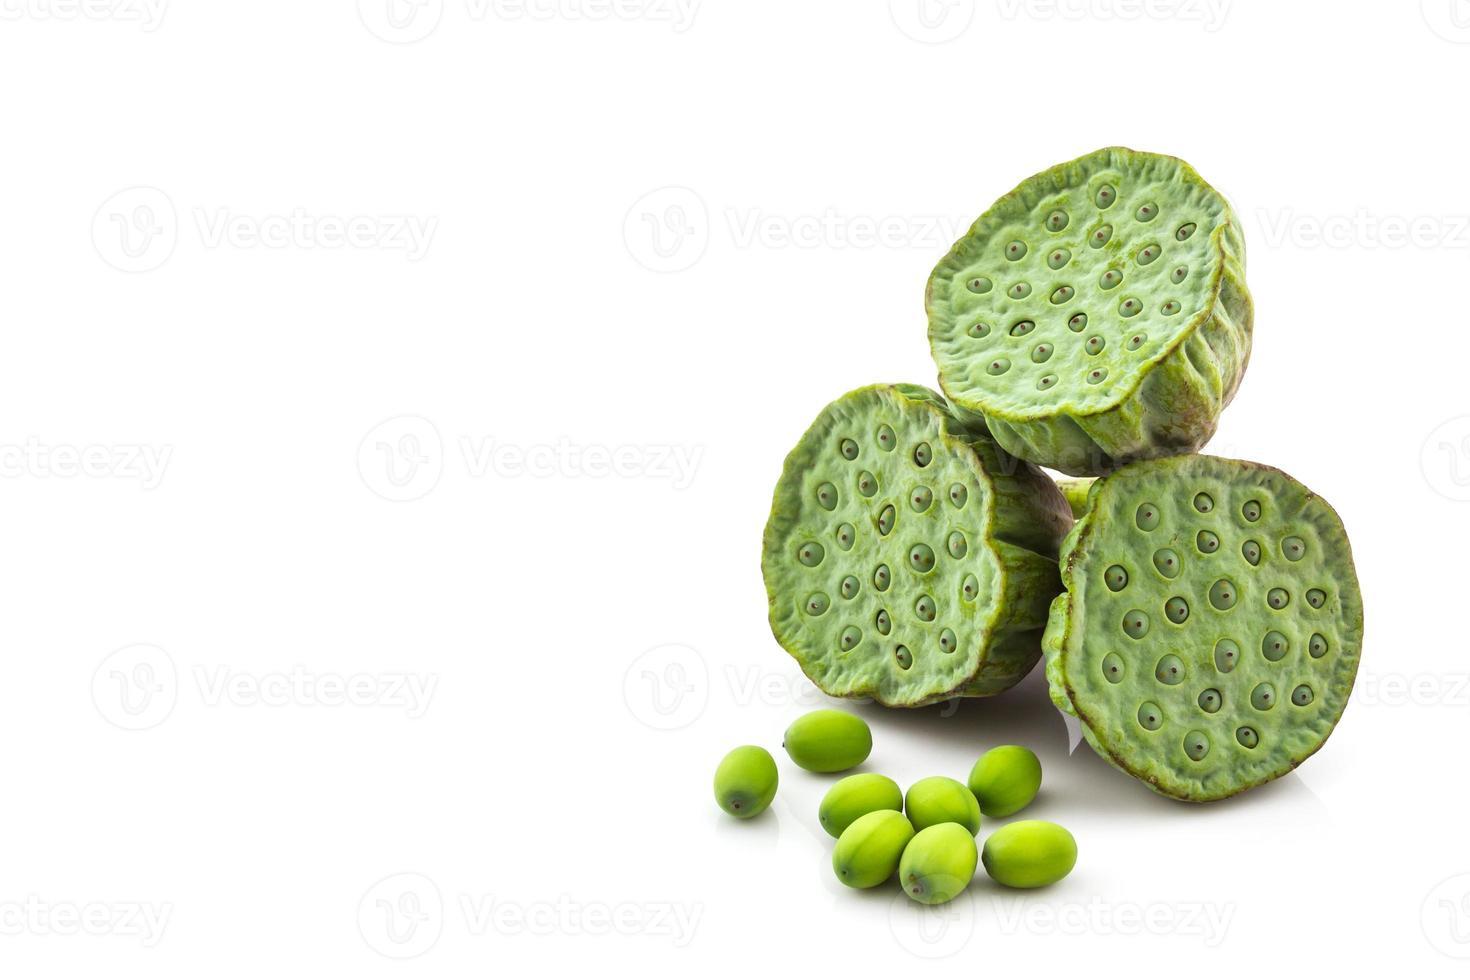 kelk, lotus zaden groen. foto